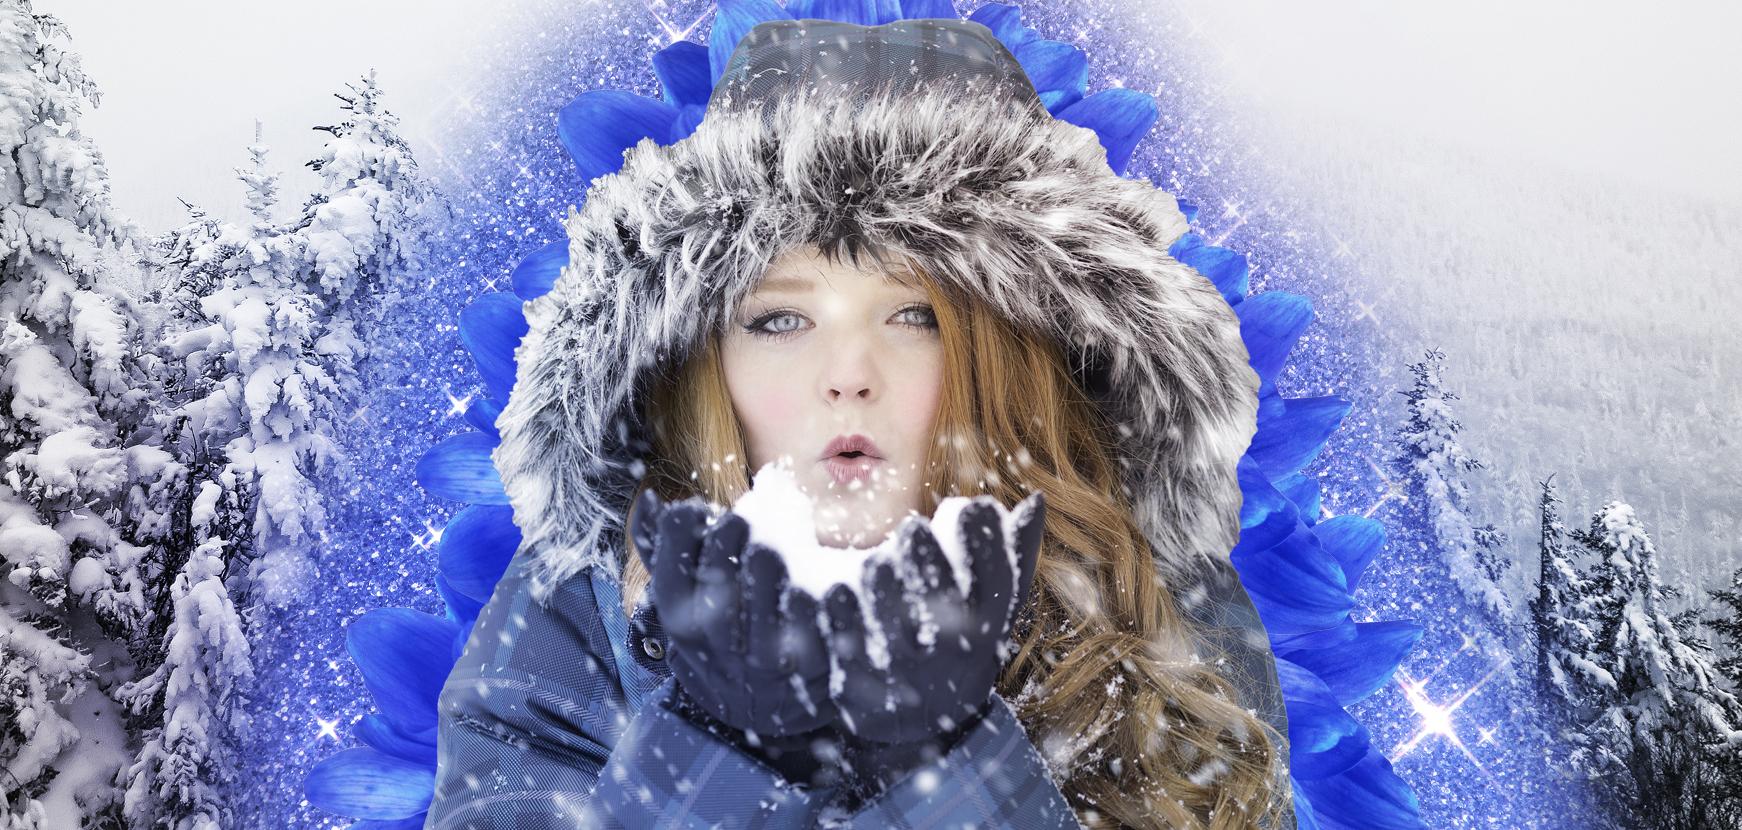 Burrocacao fai da te, la soluzione a tutte le seccature invernali (screpolature comprese)